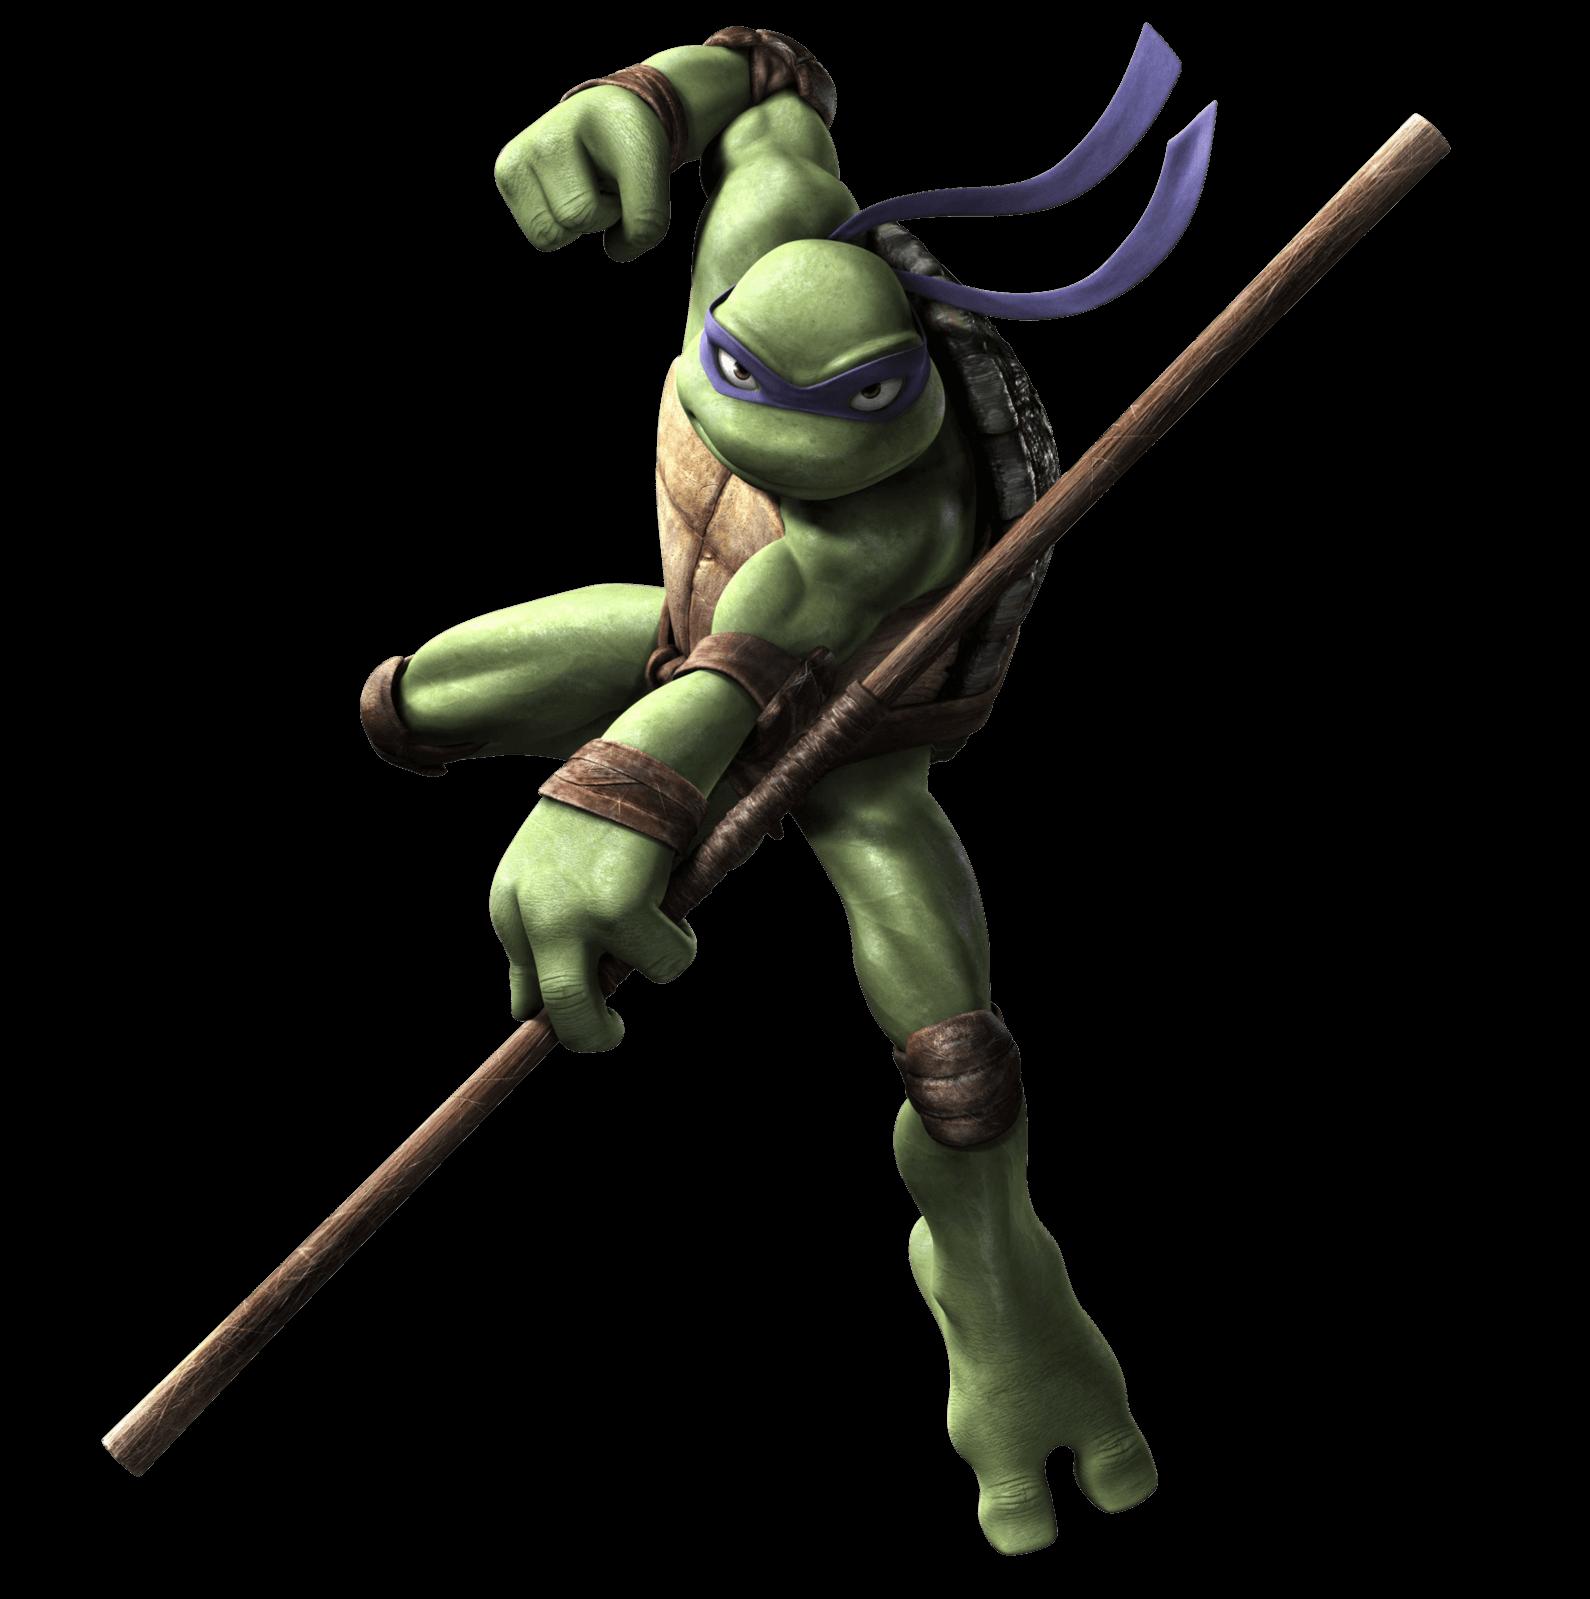 Ninja Turtles Clipart Tmnt Png Ninja Turtles Images Ninja Turtles Png Teenage Mutant Ninja Tmnt Teenage Mutant Ninja Turtles Art Donatello